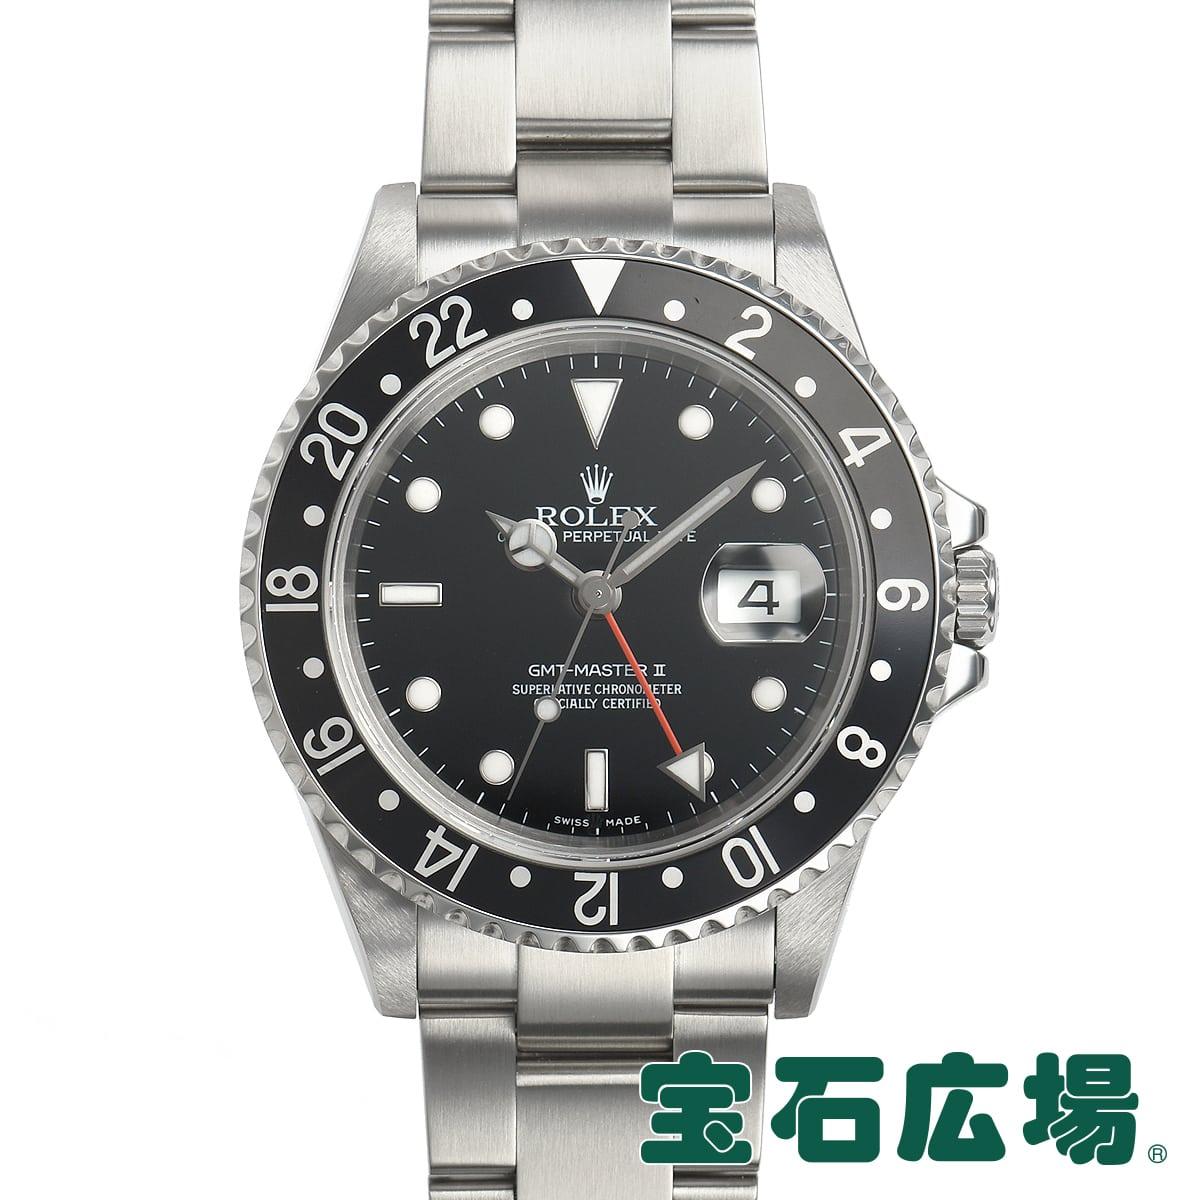 【特価】 ロレックス ROLEX GMTマスターII 16710【 送料無料】メンズ ROLEX ロレックス 腕時計 送料無料, MAオリジンジュエリー:a80a7edb --- template.houzerz.com